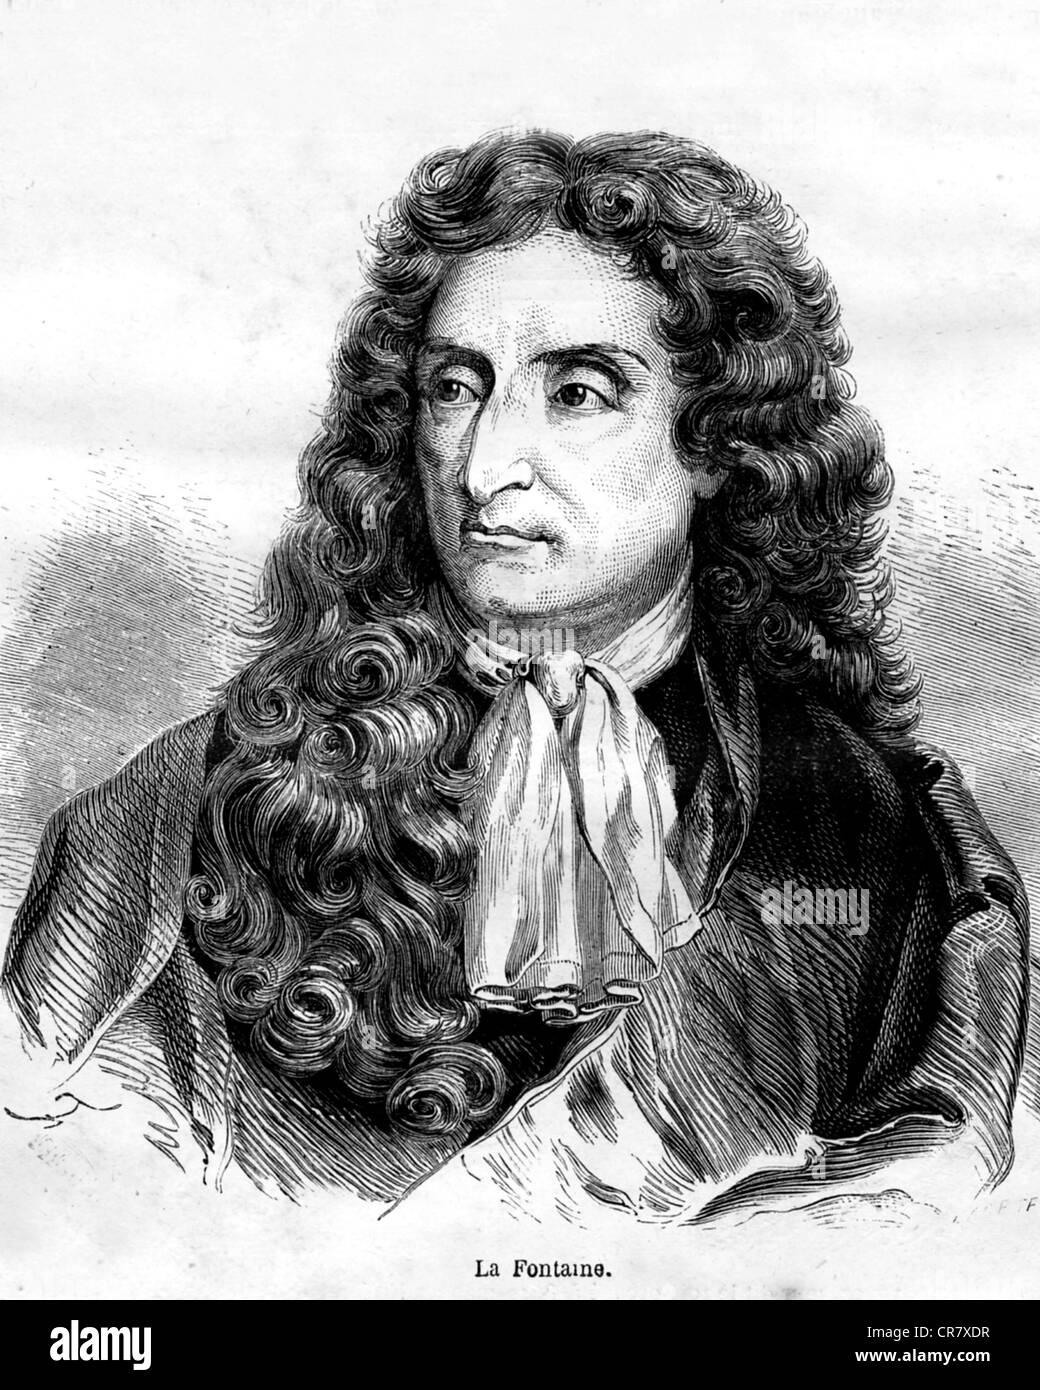 Jean De La Fontaine Charles De La Fontaine : fontaine, charles, Fontaine,, 1695,, French, Writer,, Historical, Portrait, Stock, Photo, Alamy